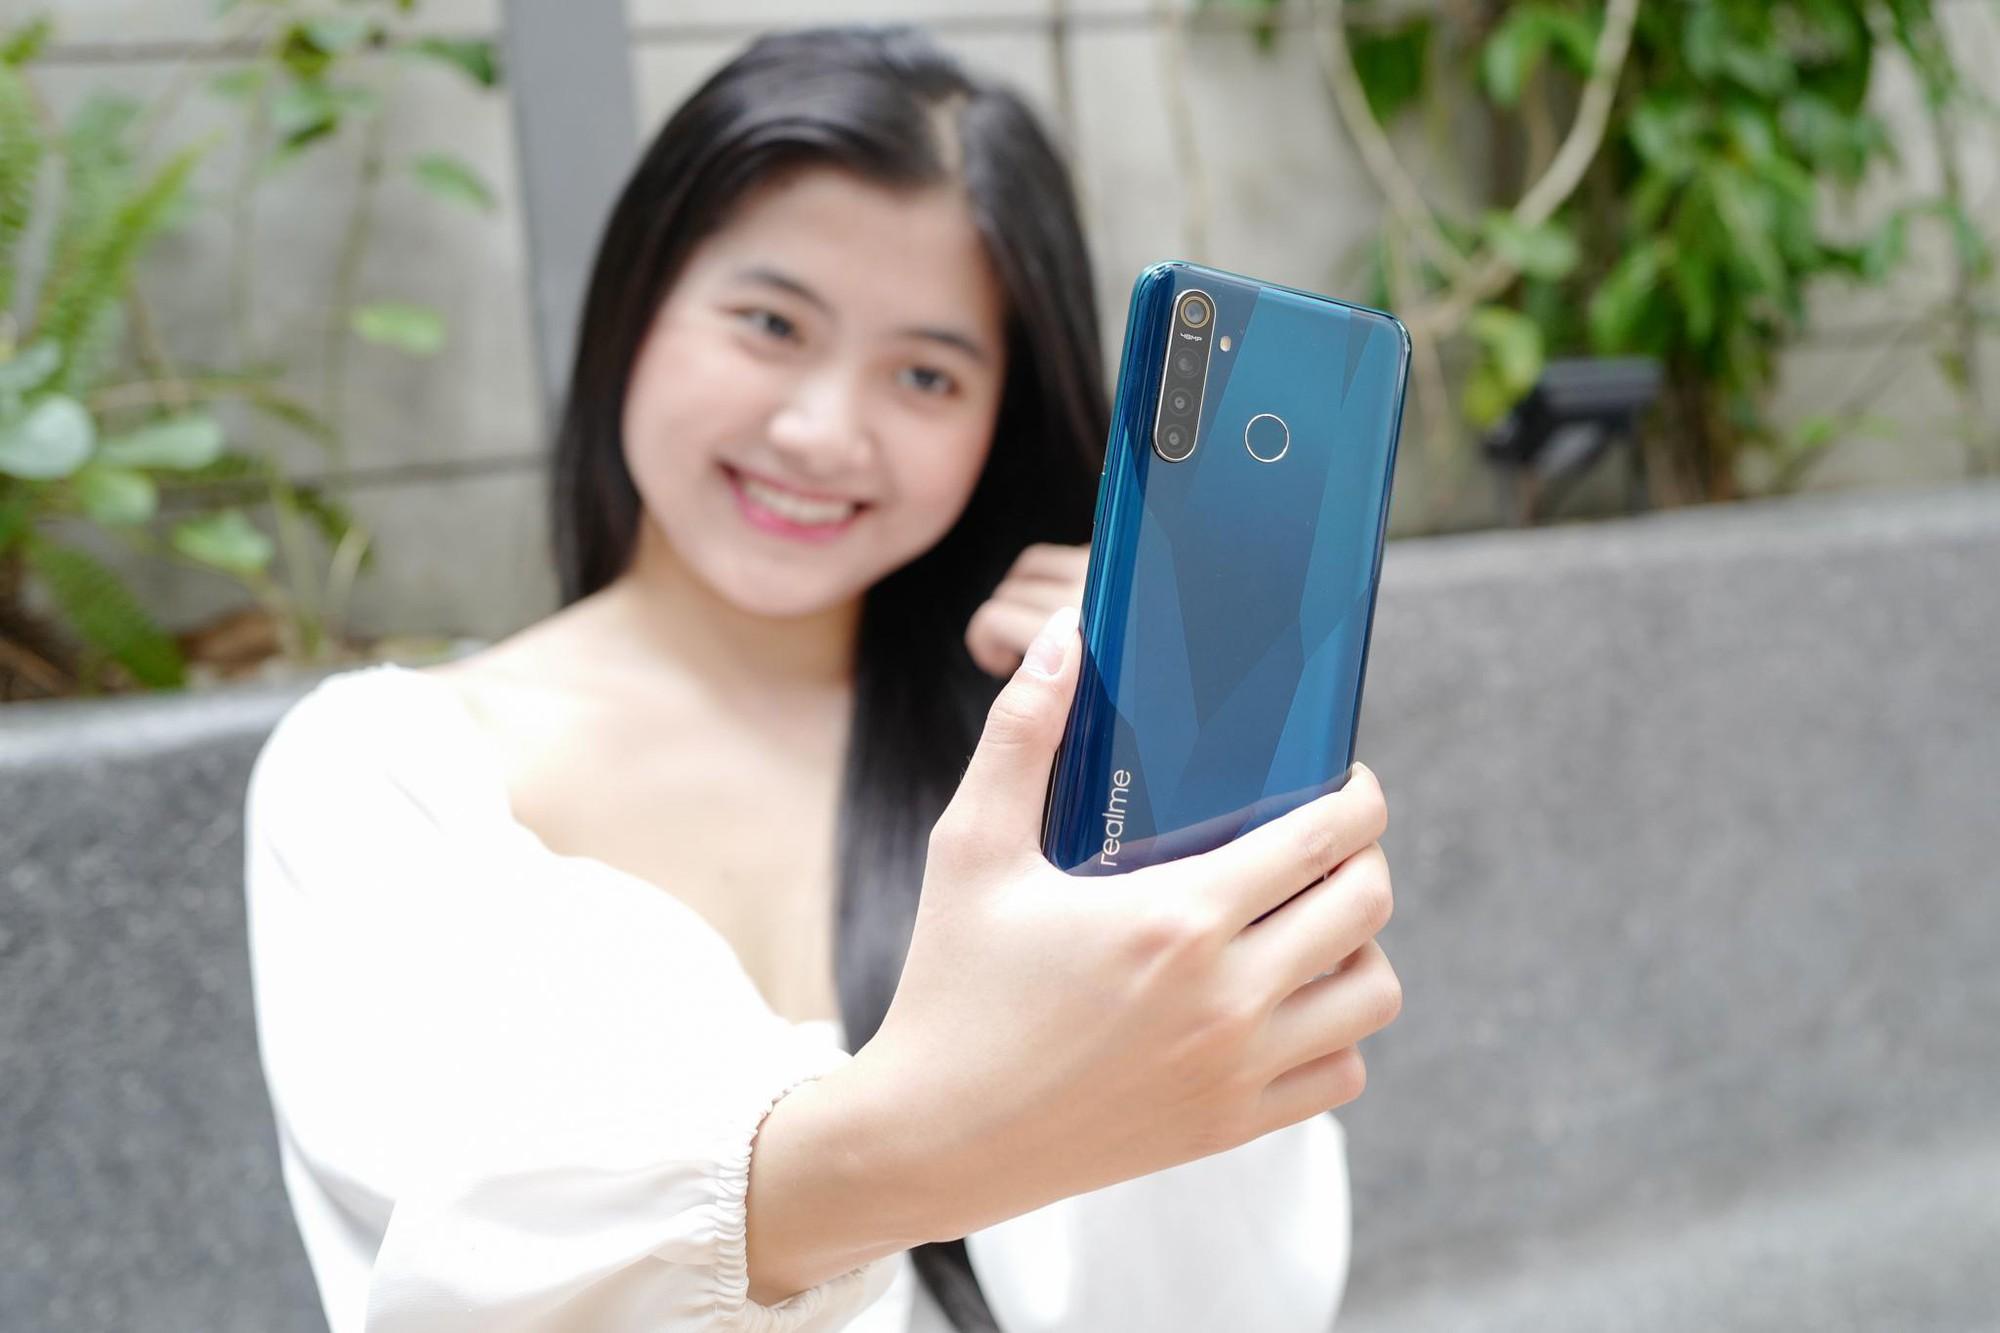 Với Realme 5 Pro, không khó để bạn tạo ra khác biệt và nổi bật giữa đám đông - Ảnh 3.